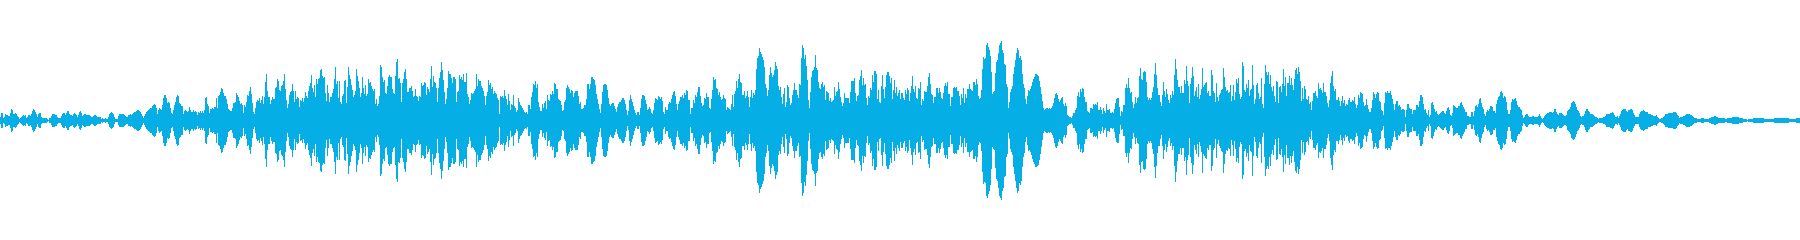 DJスクラッチビニールレコードの再生済みの波形